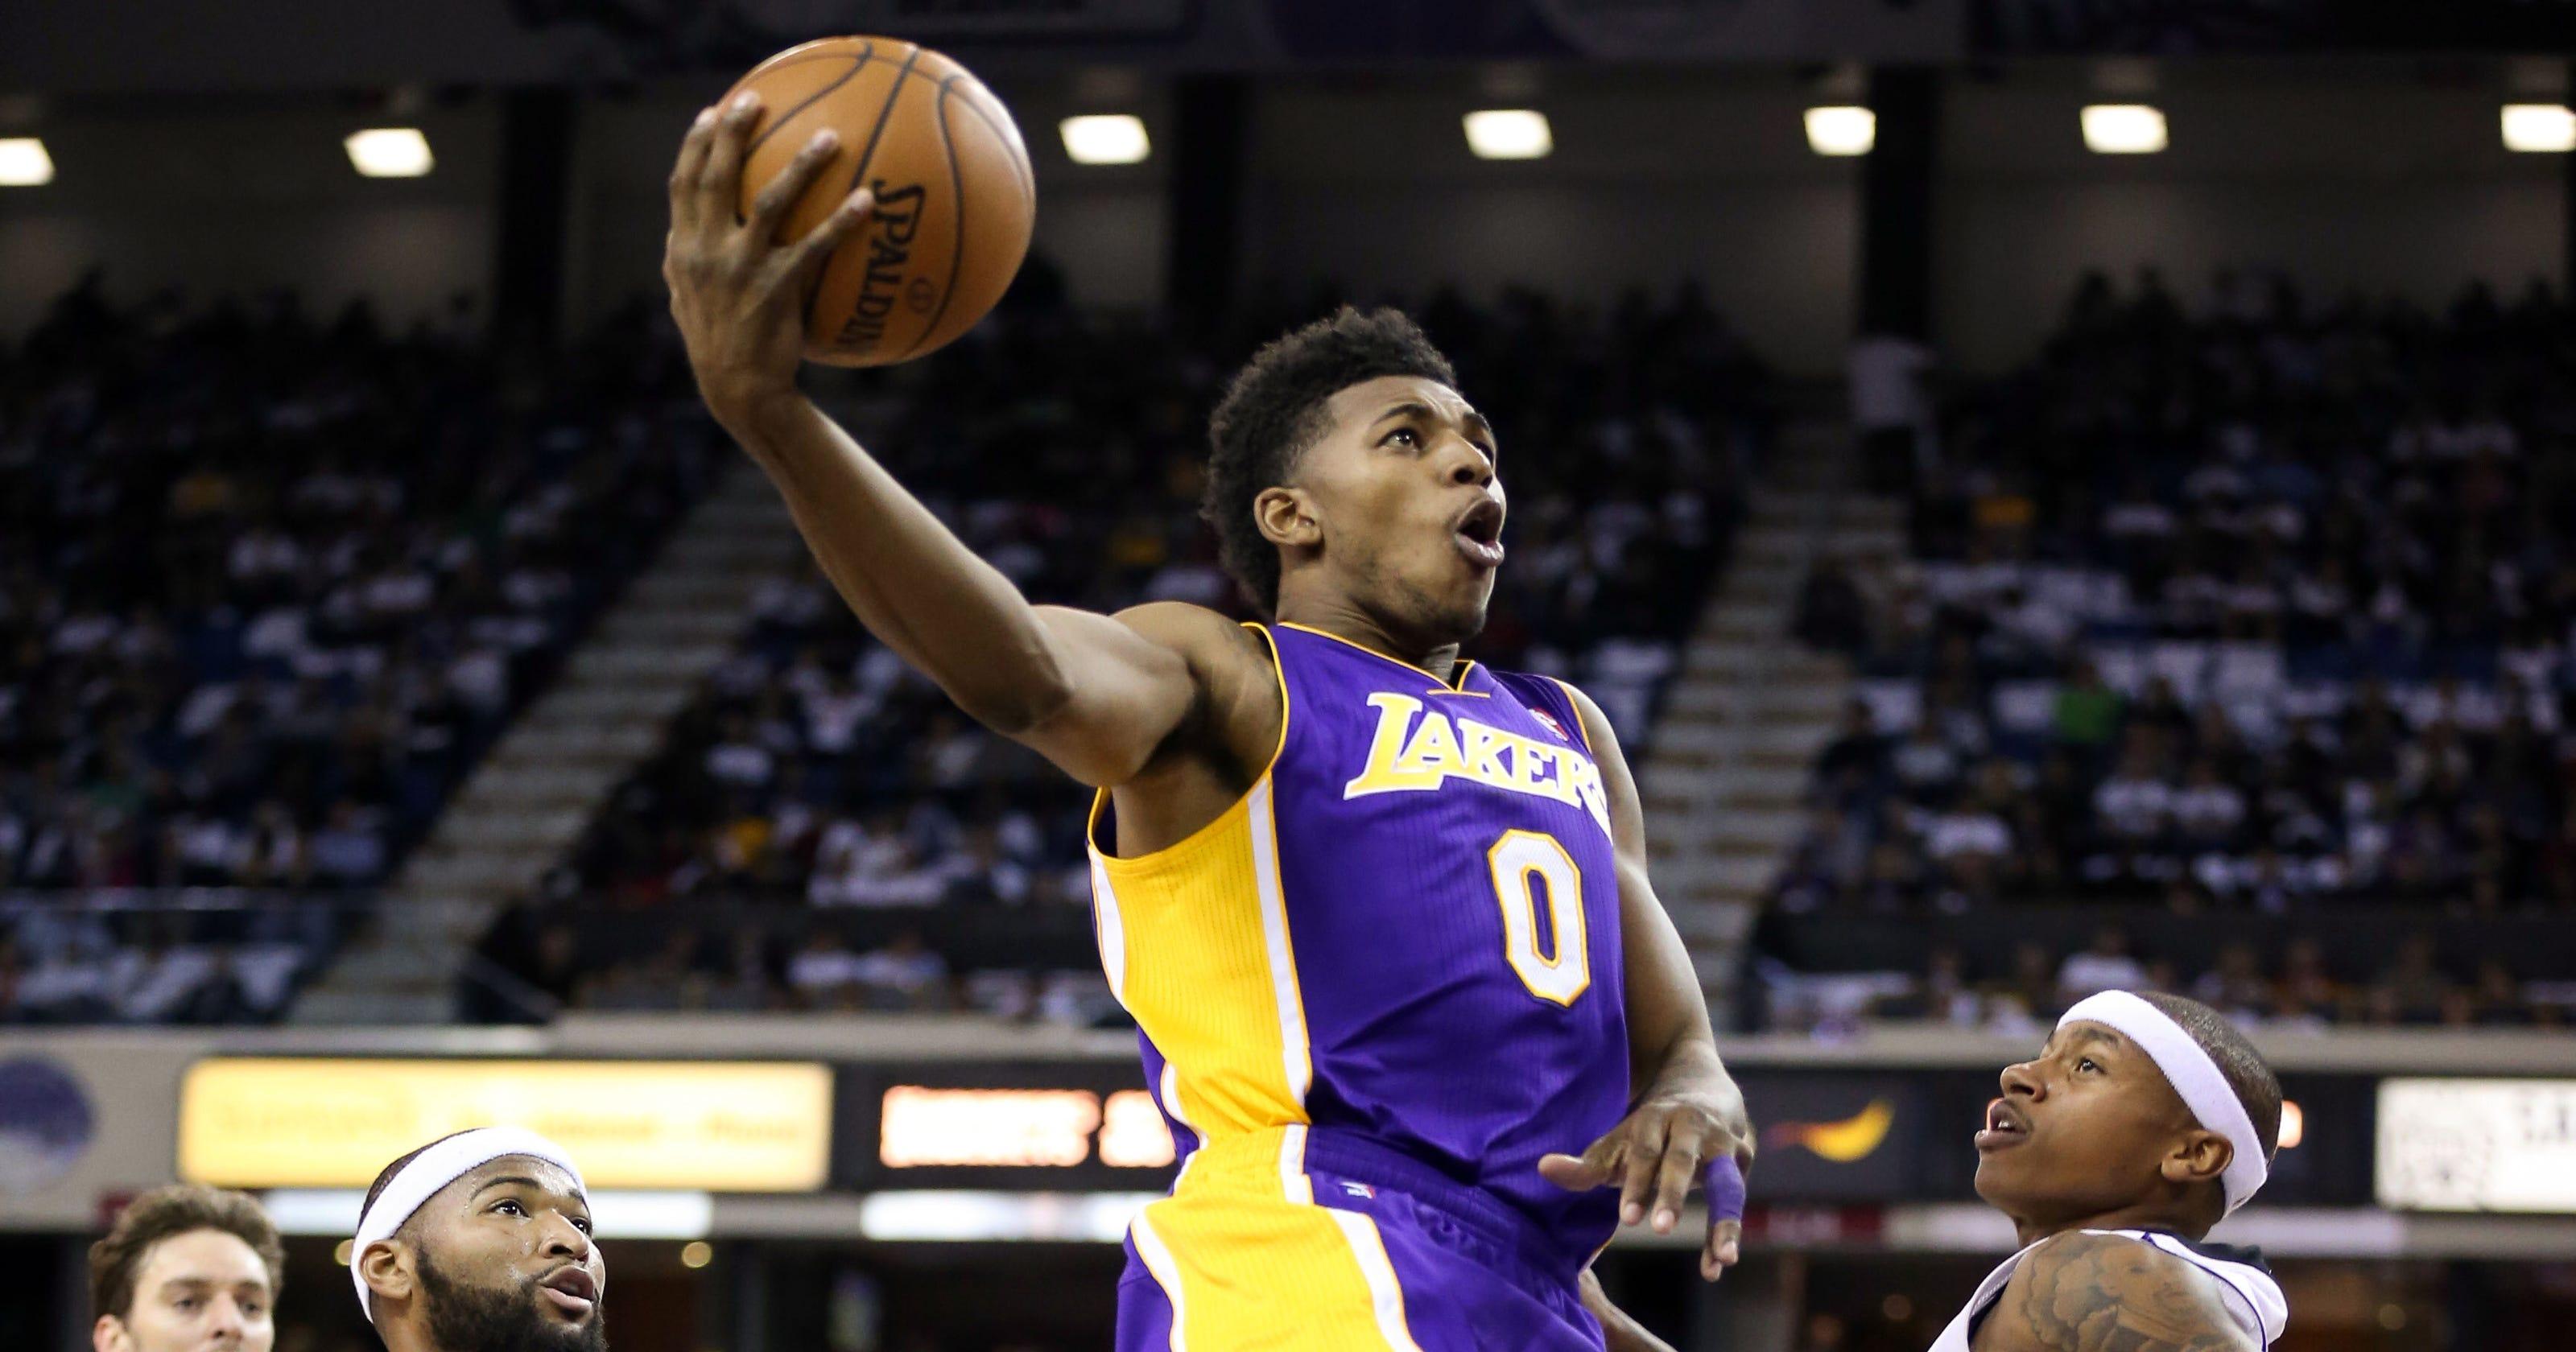 b103d4be80a Lakers beat Kings